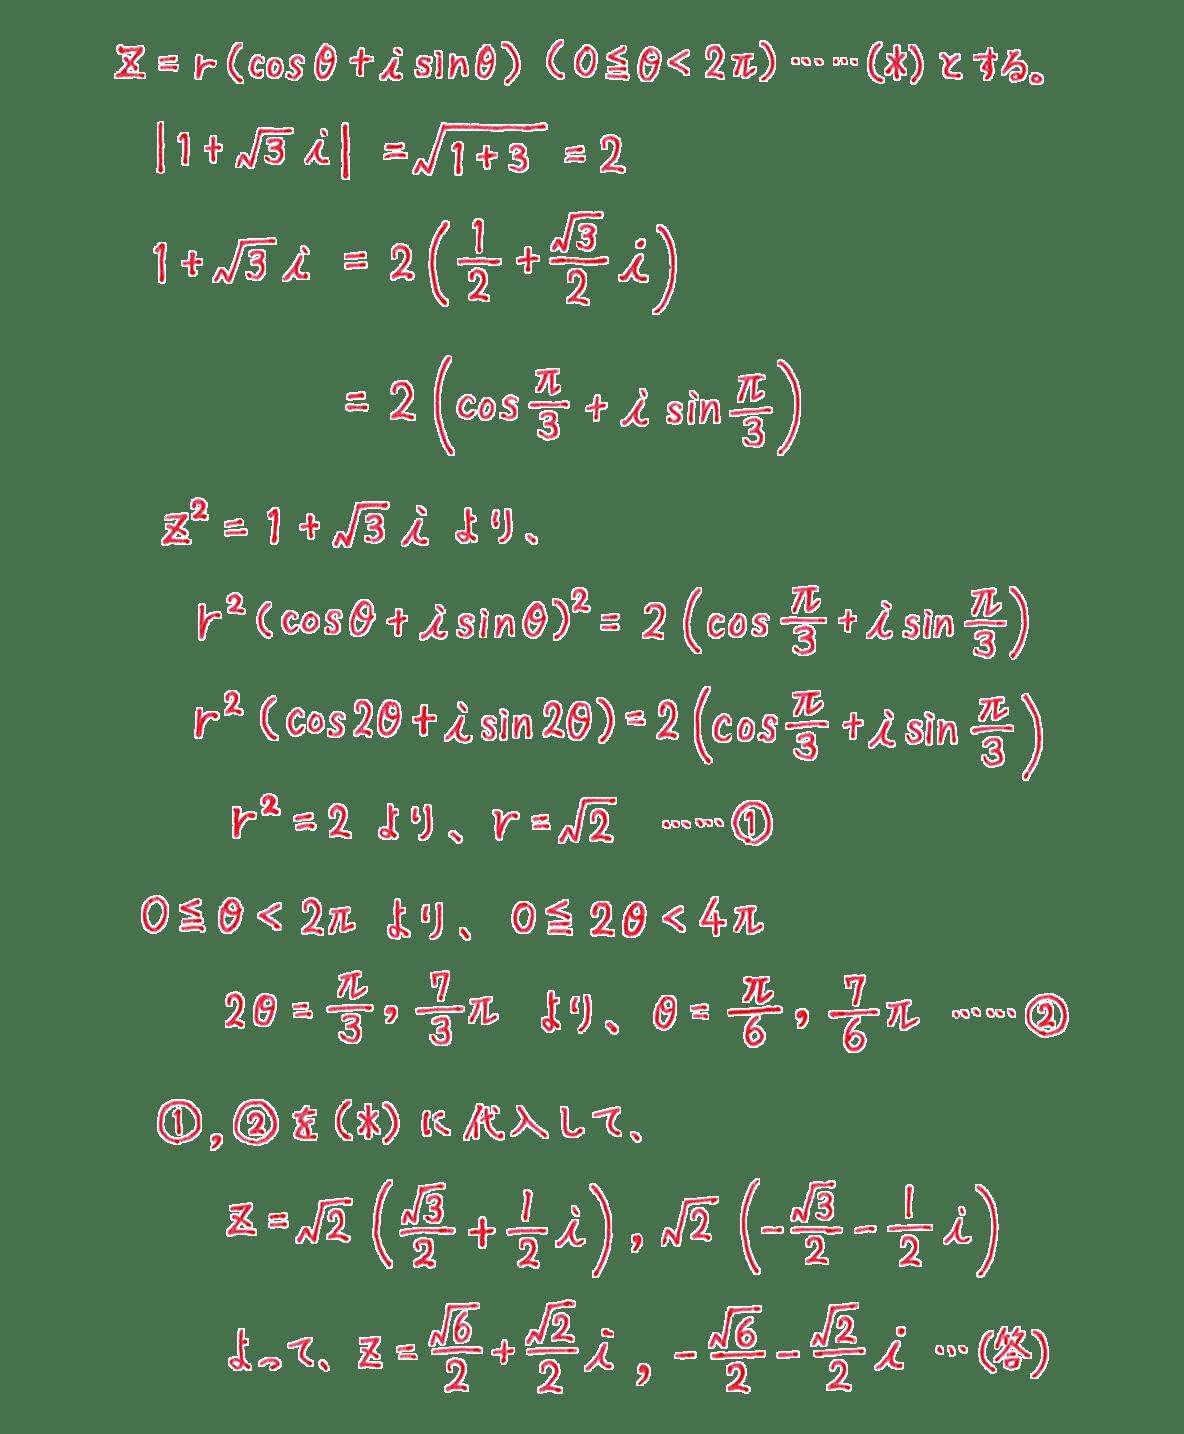 高校数Ⅲ 複素数平面21 問題 答えすべて